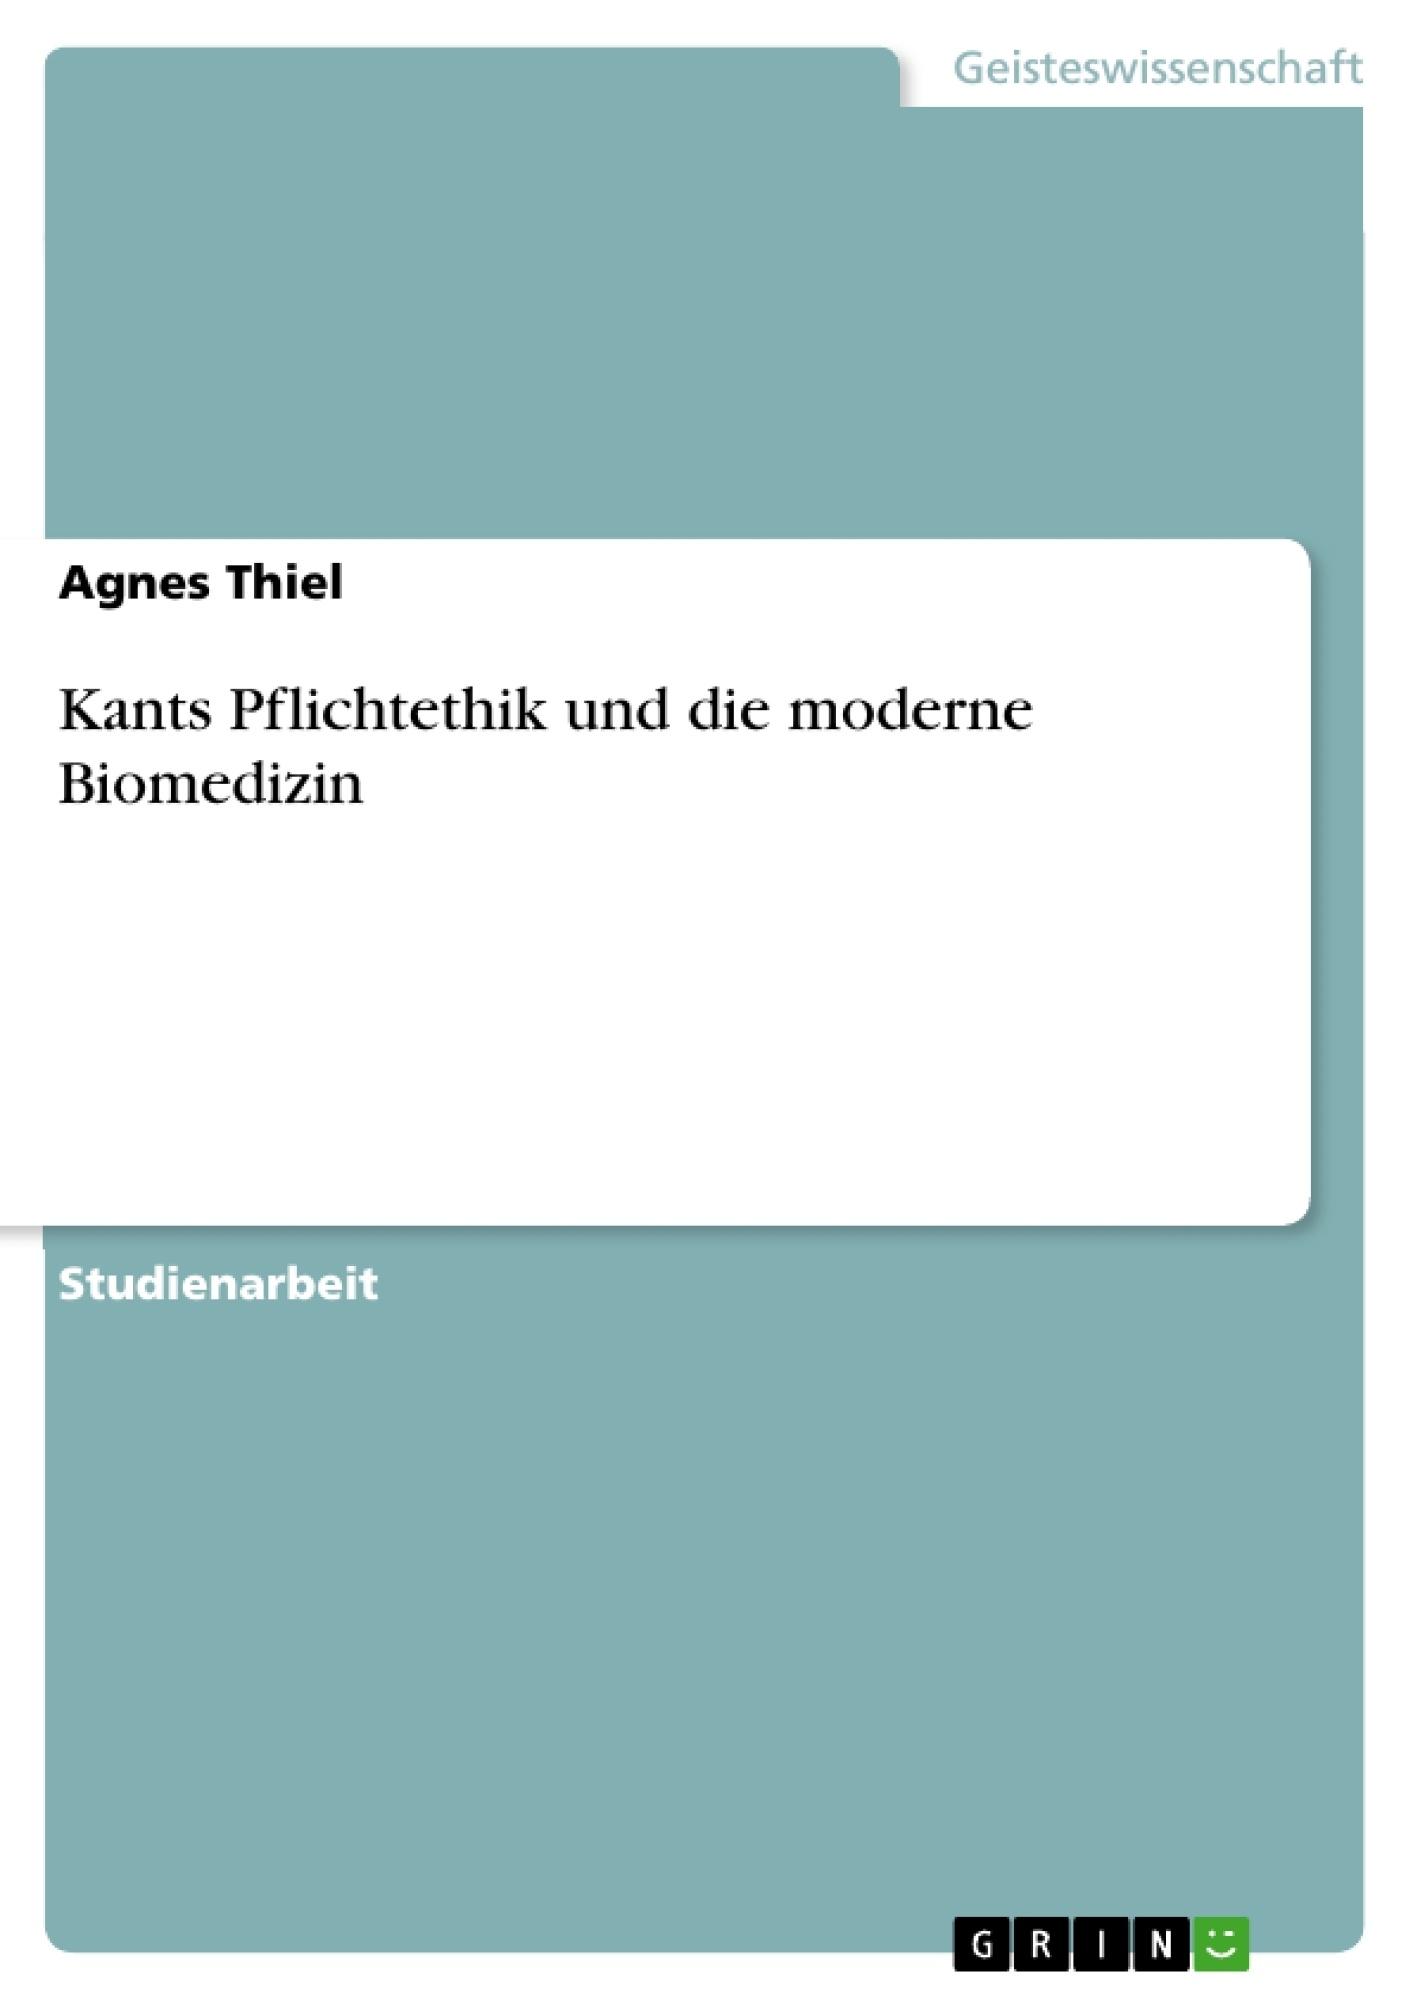 Titel: Kants Pflichtethik und die moderne Biomedizin